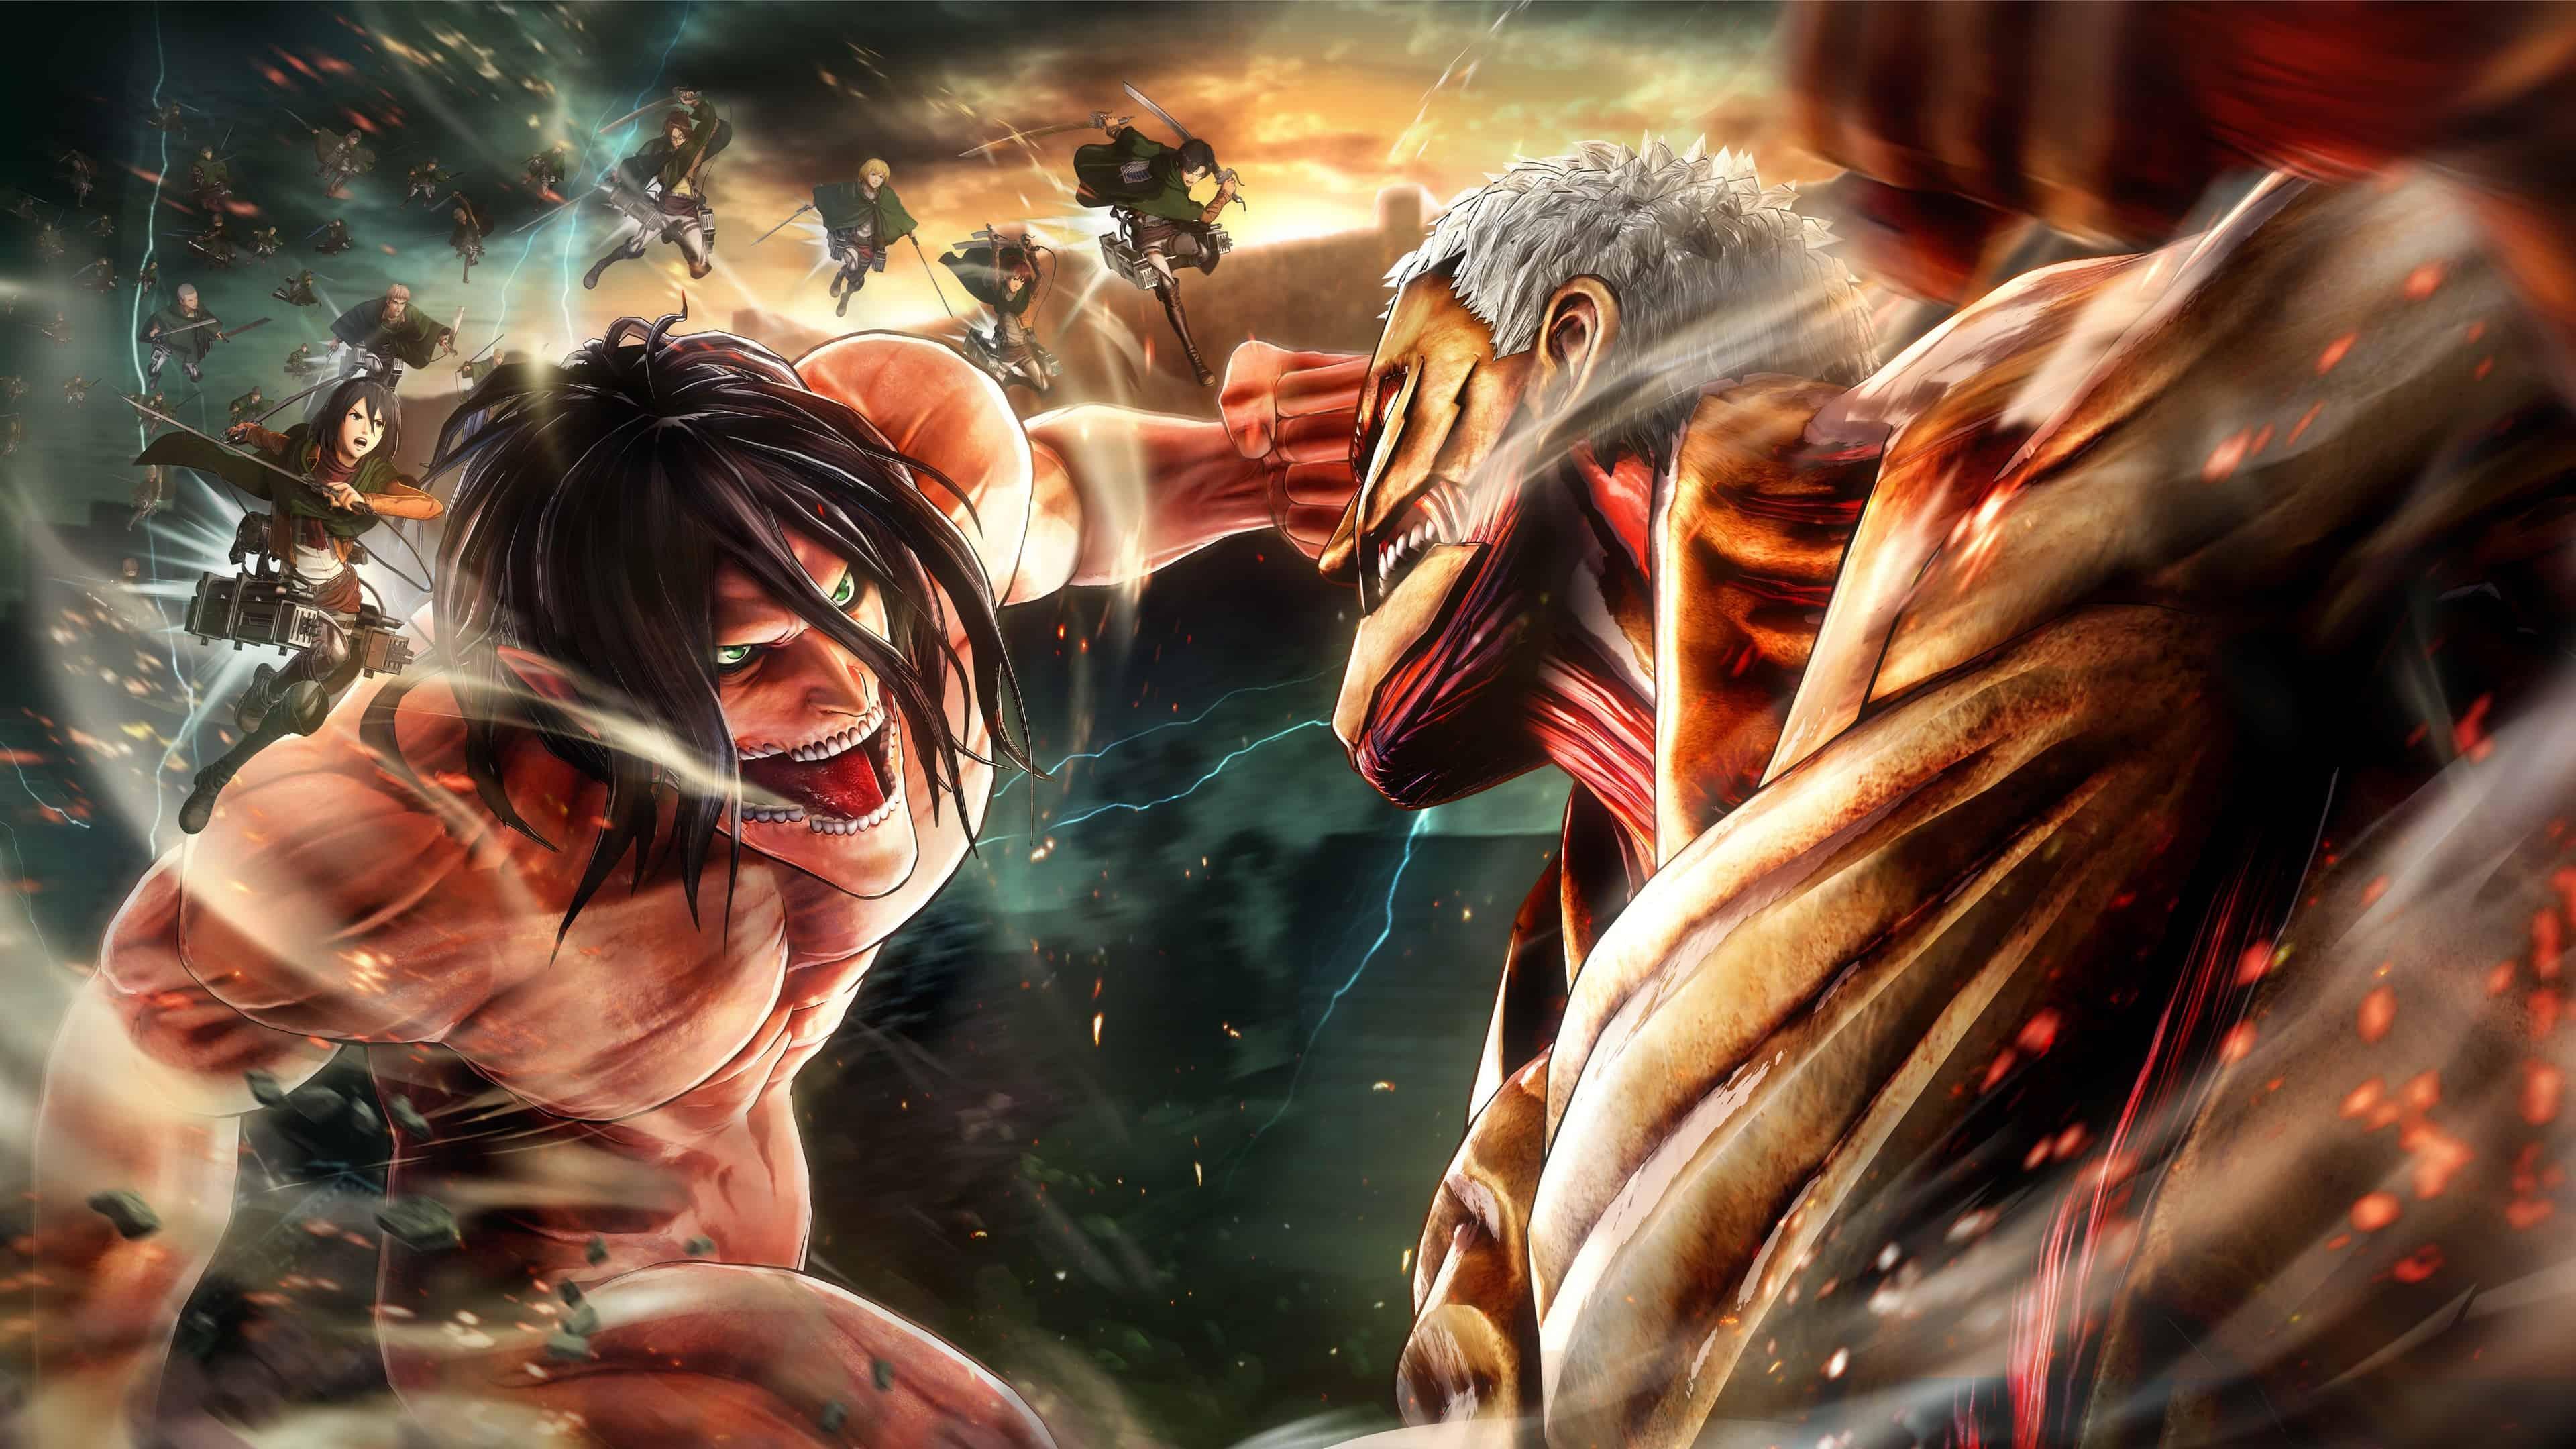 Attack On Titan Wallpaper 4k Pc 1920x1080 Attack On Titan